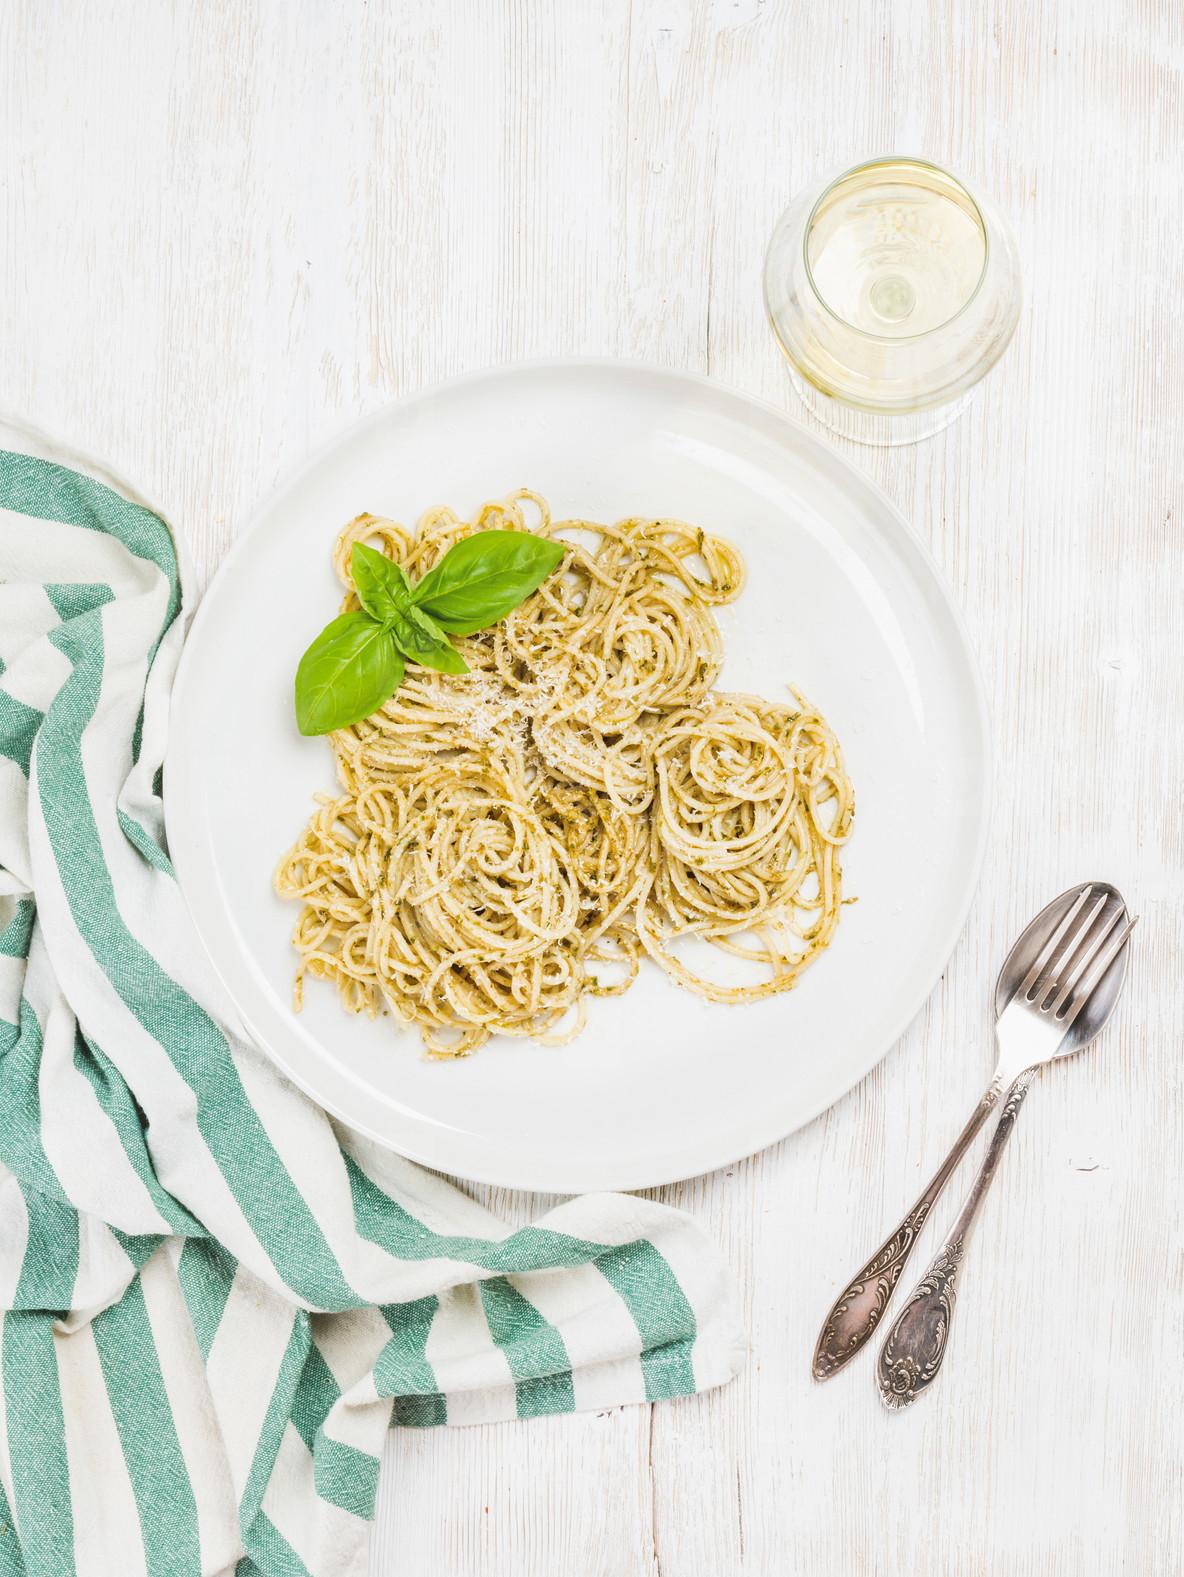 Pasta spaghetti with pesto sauce  fresh basil  glass of white